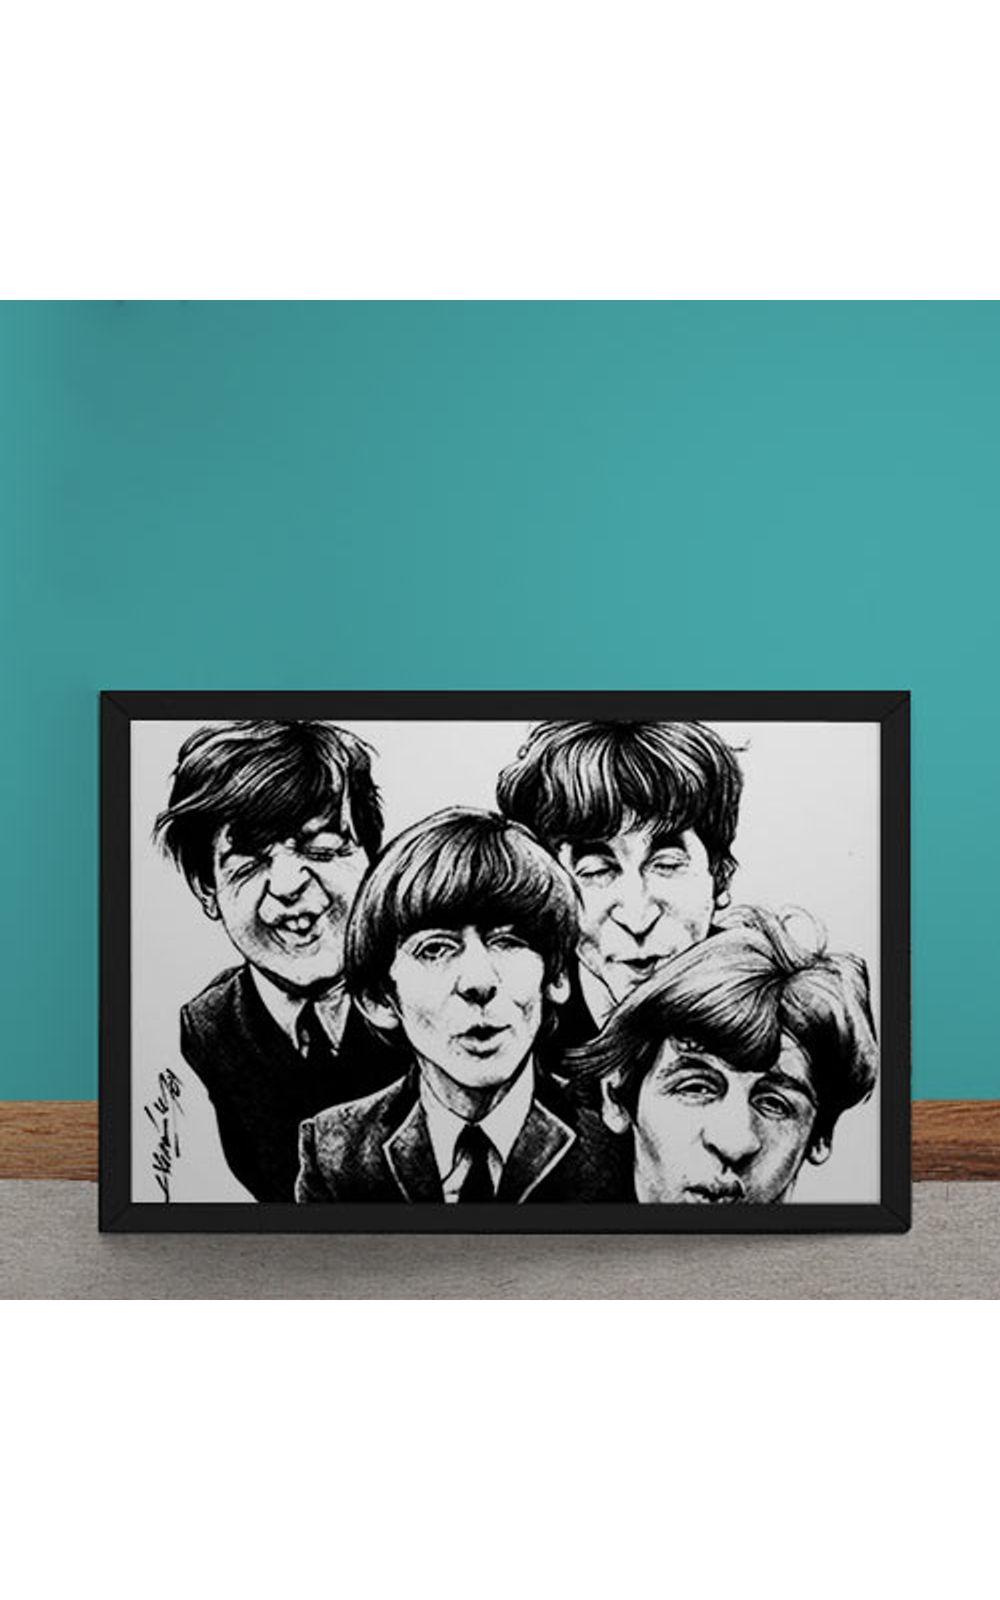 Foto 1 - Quadro Decorativo Beatles Caricatura